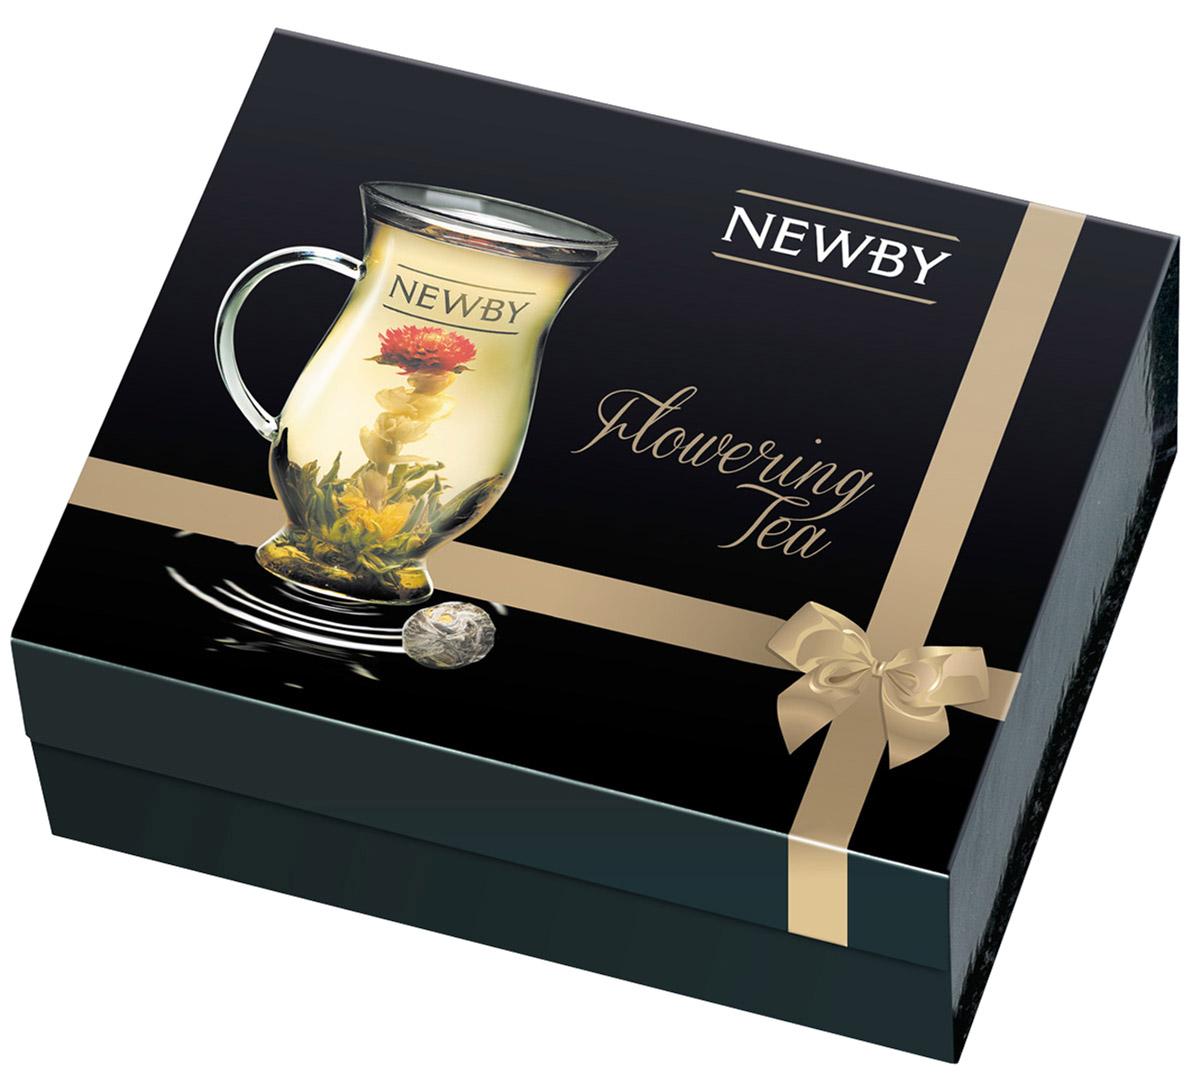 Newby Gift Set Подарочный набор чая (5 вкусов), 110 г + чашка93099Коллекция эксклюзивных распускающихся китайских чаев Newby Gift Set, рассчитана на одну персону. Эти маленькие шарики сворачиваются и скрепляются вручную. Для их создания используется душистый китайский чай высшего качества, собранный только в период прайм-тайм. Чай Гармония: чай зеленый байховый с цветками мариголд и жасмина Чай Личи: чай зеленый байховый ароматизированный с ароматом личи, цветы мариголд, амаранта, жасмина Чай Роза: чай зеленый байховый ароматизированный с ароматом розы, цветы амаранта Чай Страсть: чай зеленый байховый с цветками мариголд, жасмина и амаранта Чай Юнион: чай зеленый байховый с цветками мариголд и амаранта